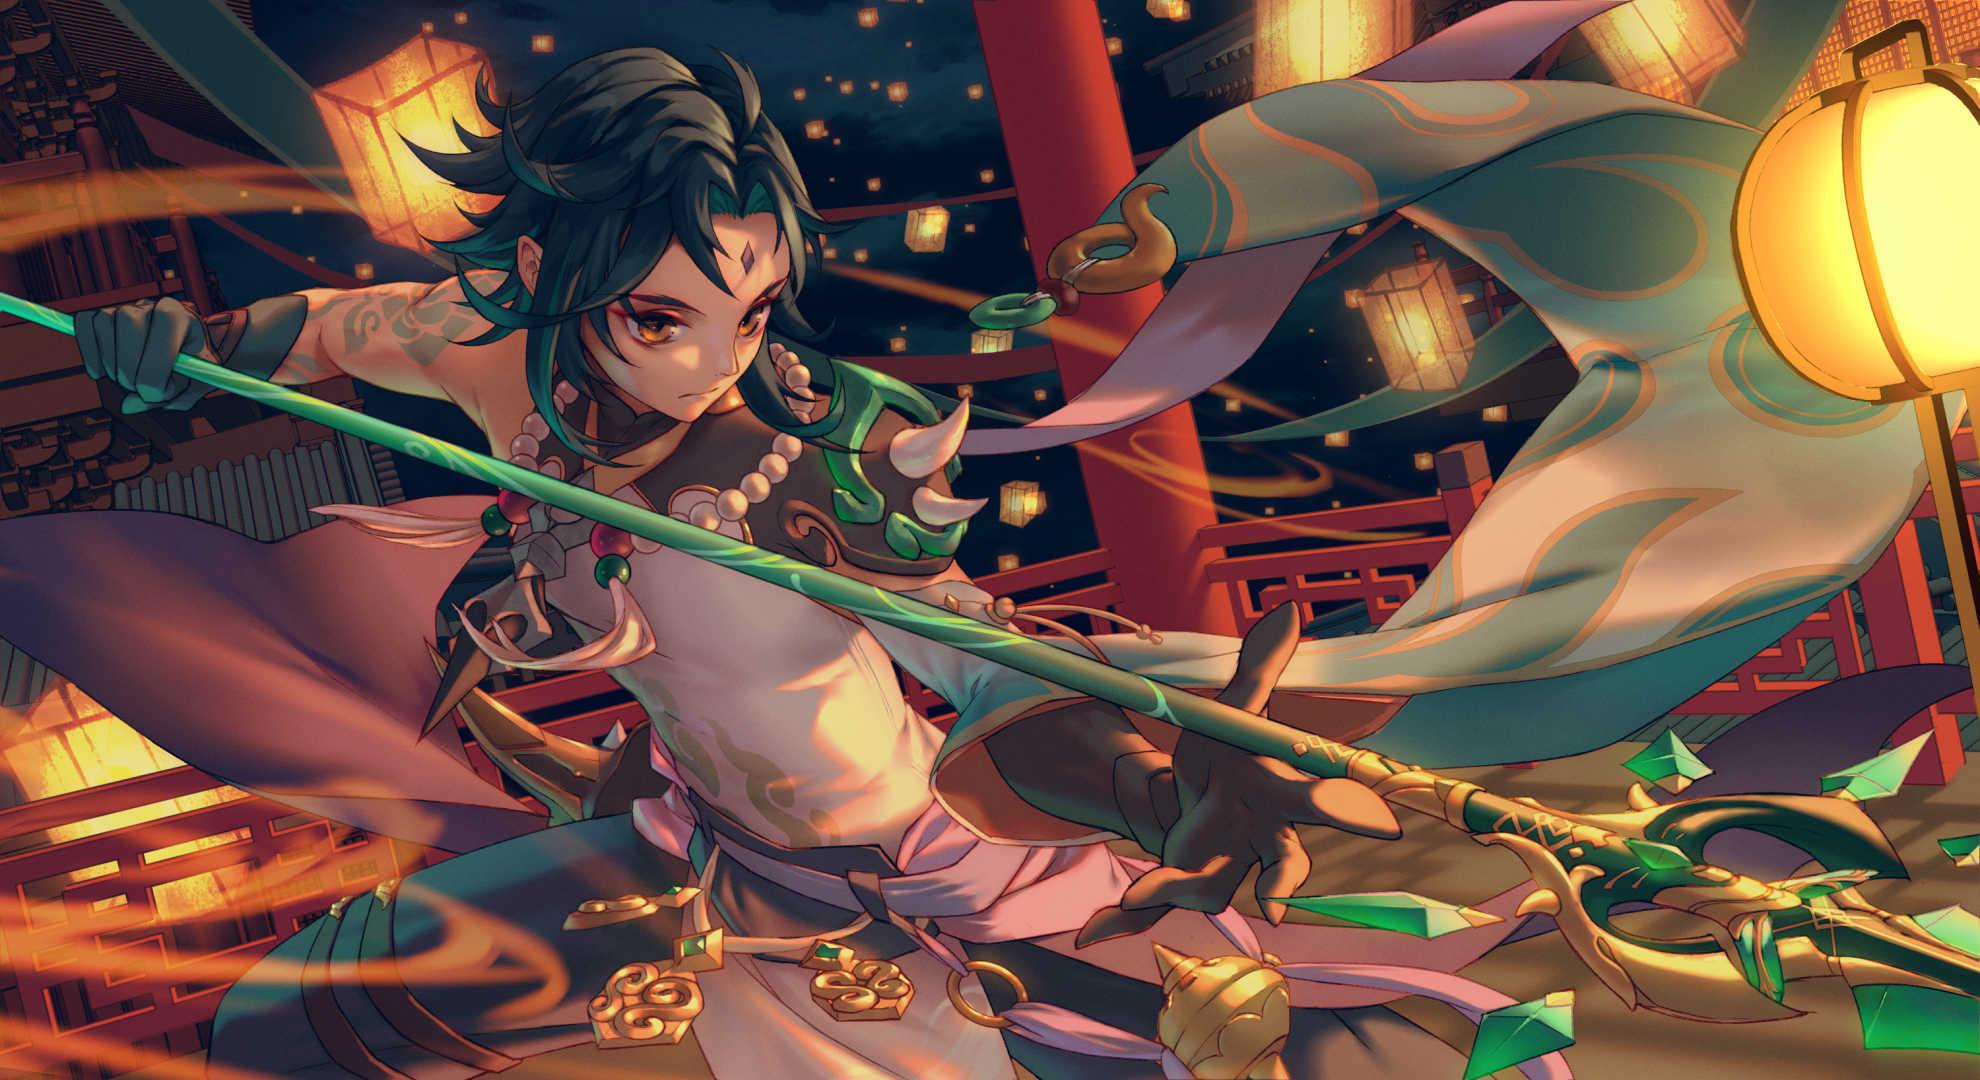 Genshin Impact Wallpaper Collection Genshin Impact Hd